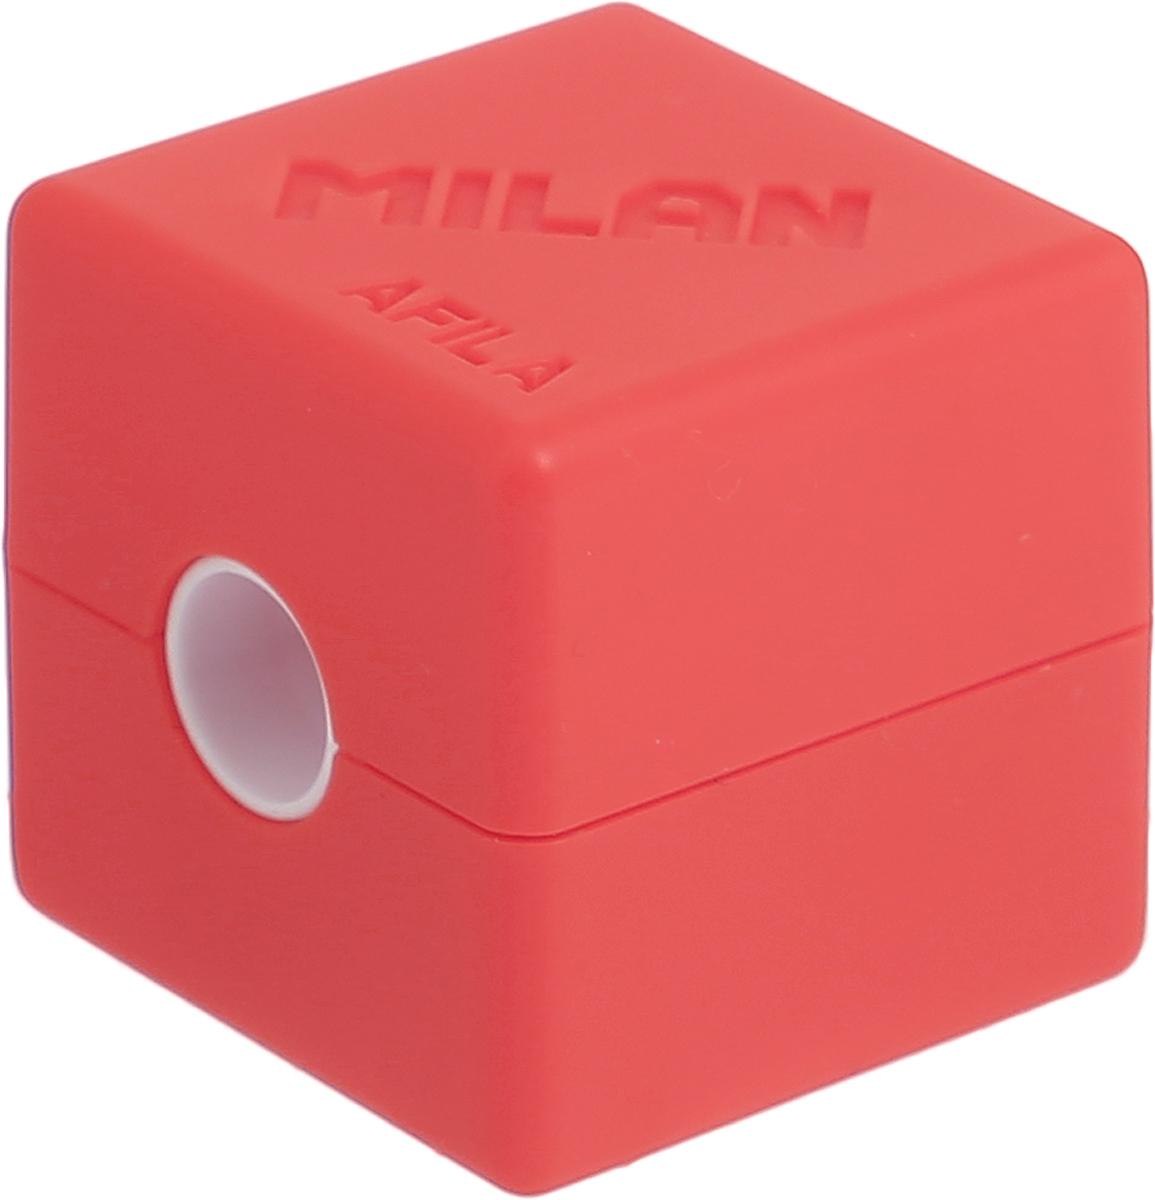 Milan Точилка Cubic с контейнером цвет оранжевый точилка пластиковая maped stop signal одно отверстие с контейнером